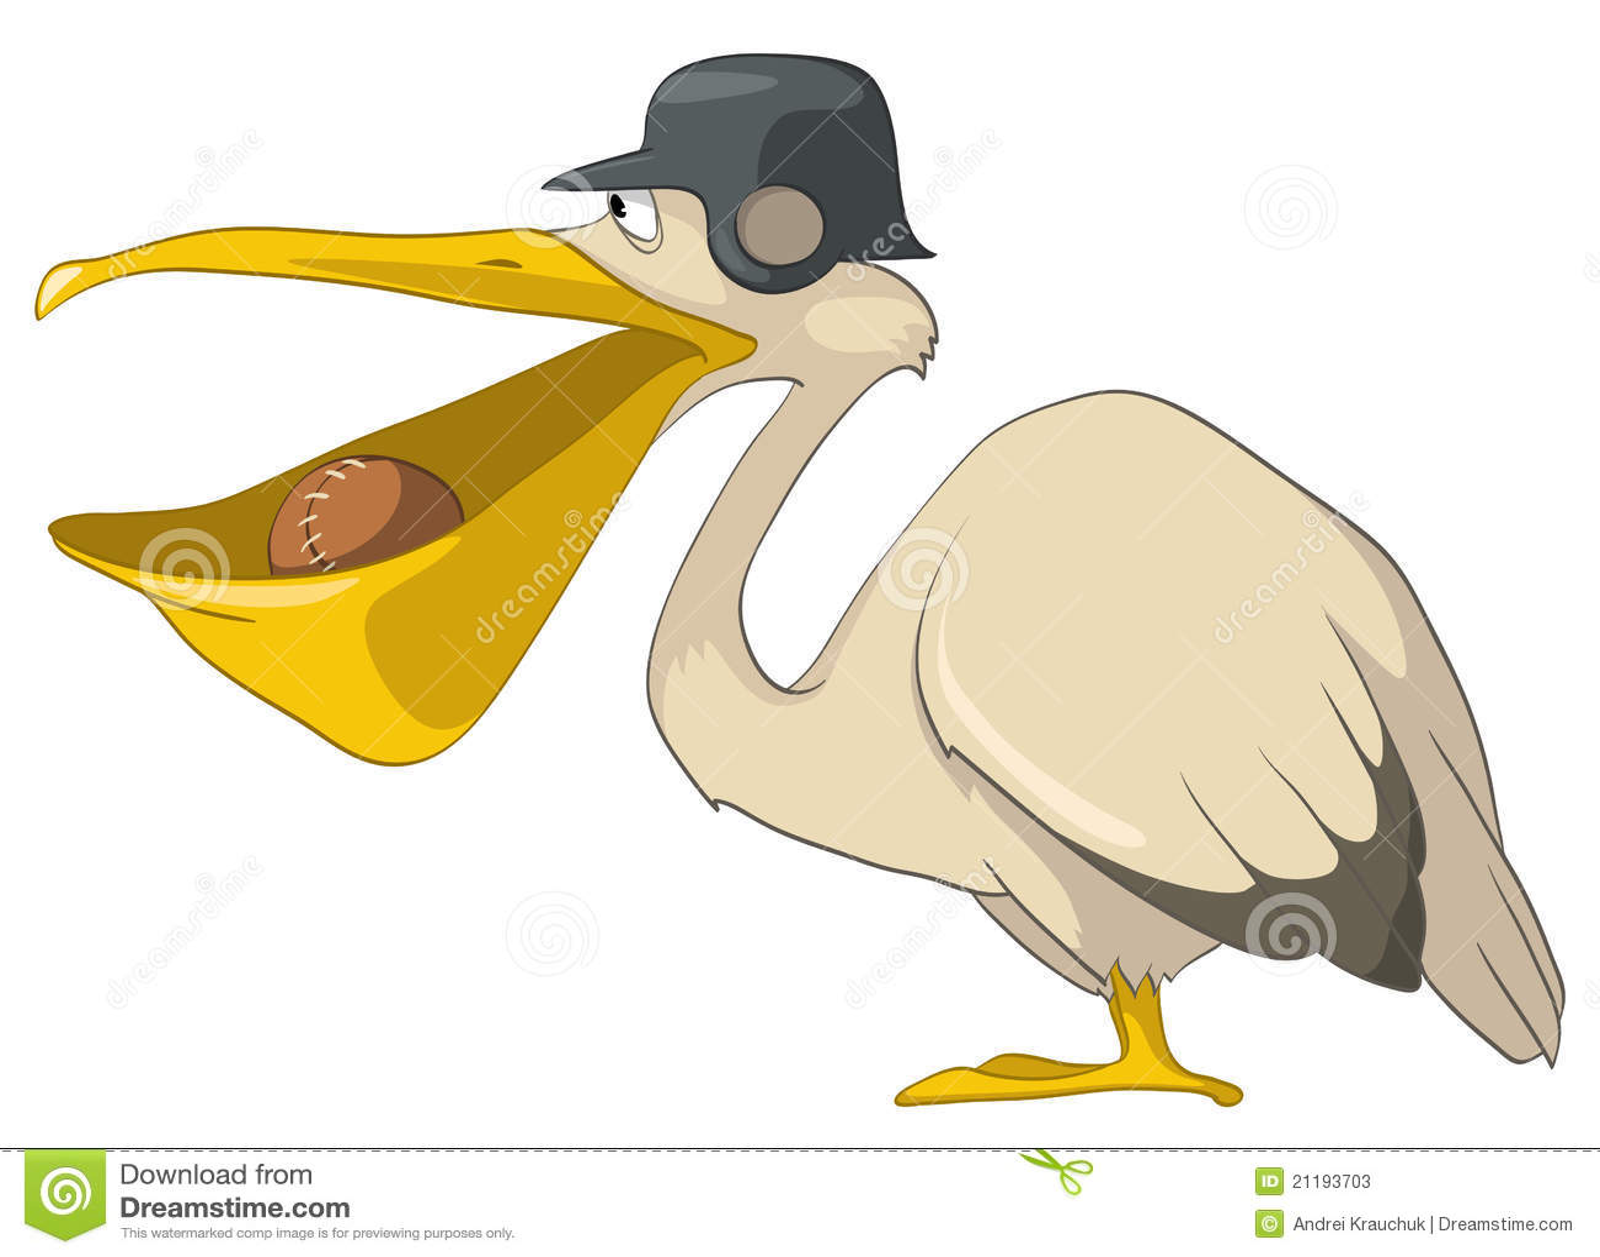 Cartoon Character Pelican